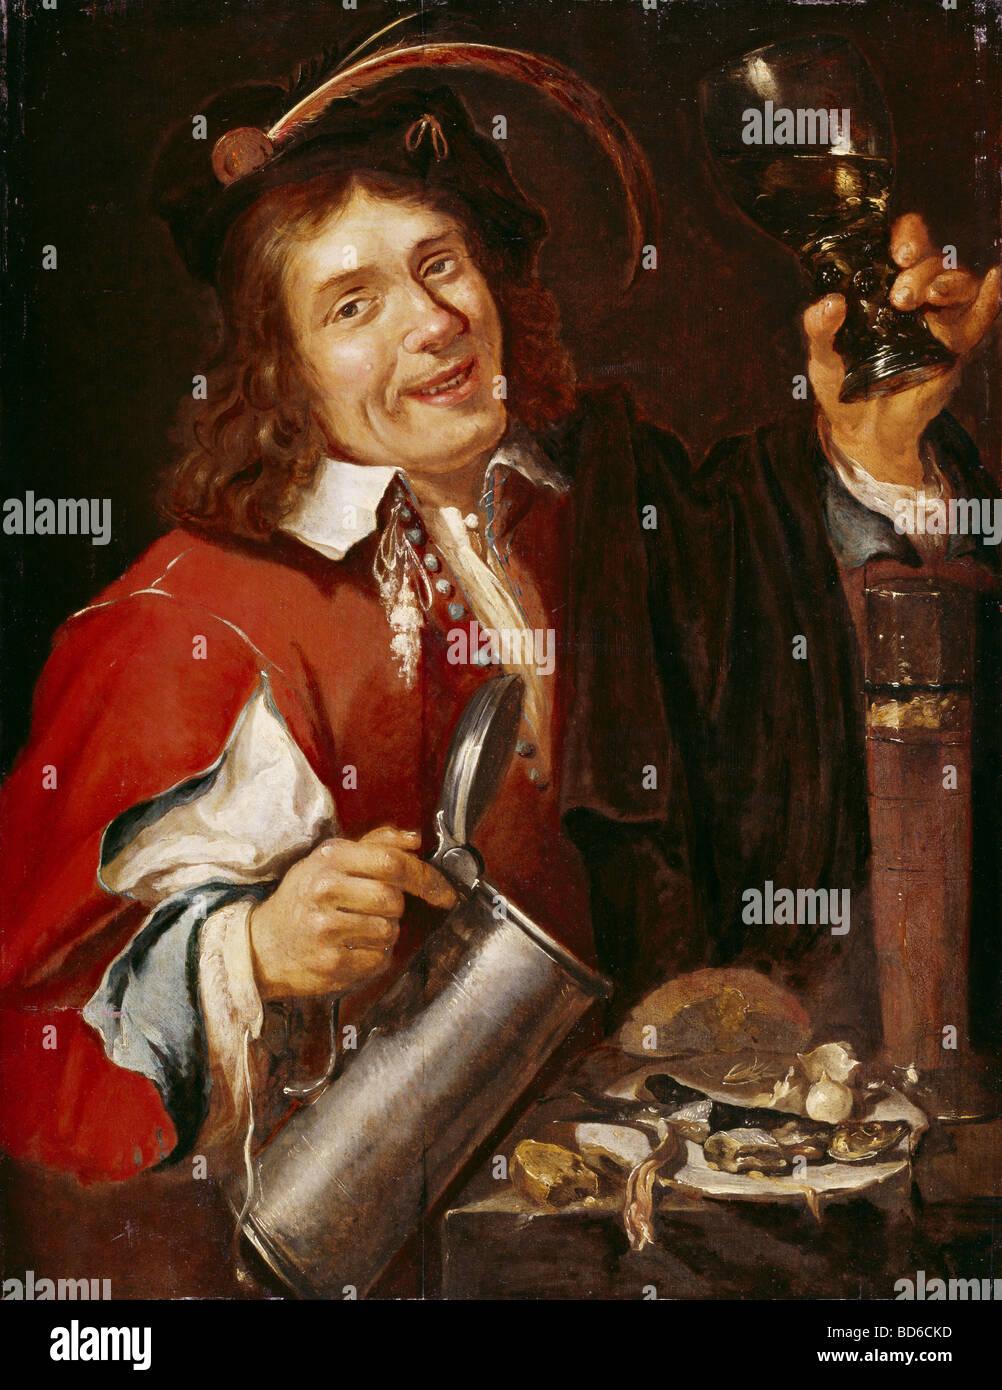 Bellas artes, Pieter van Noort (1529 - circa 1650), pintura, 'el sabor', la serie 'Los cinco', Westfaelisches Imagen De Stock